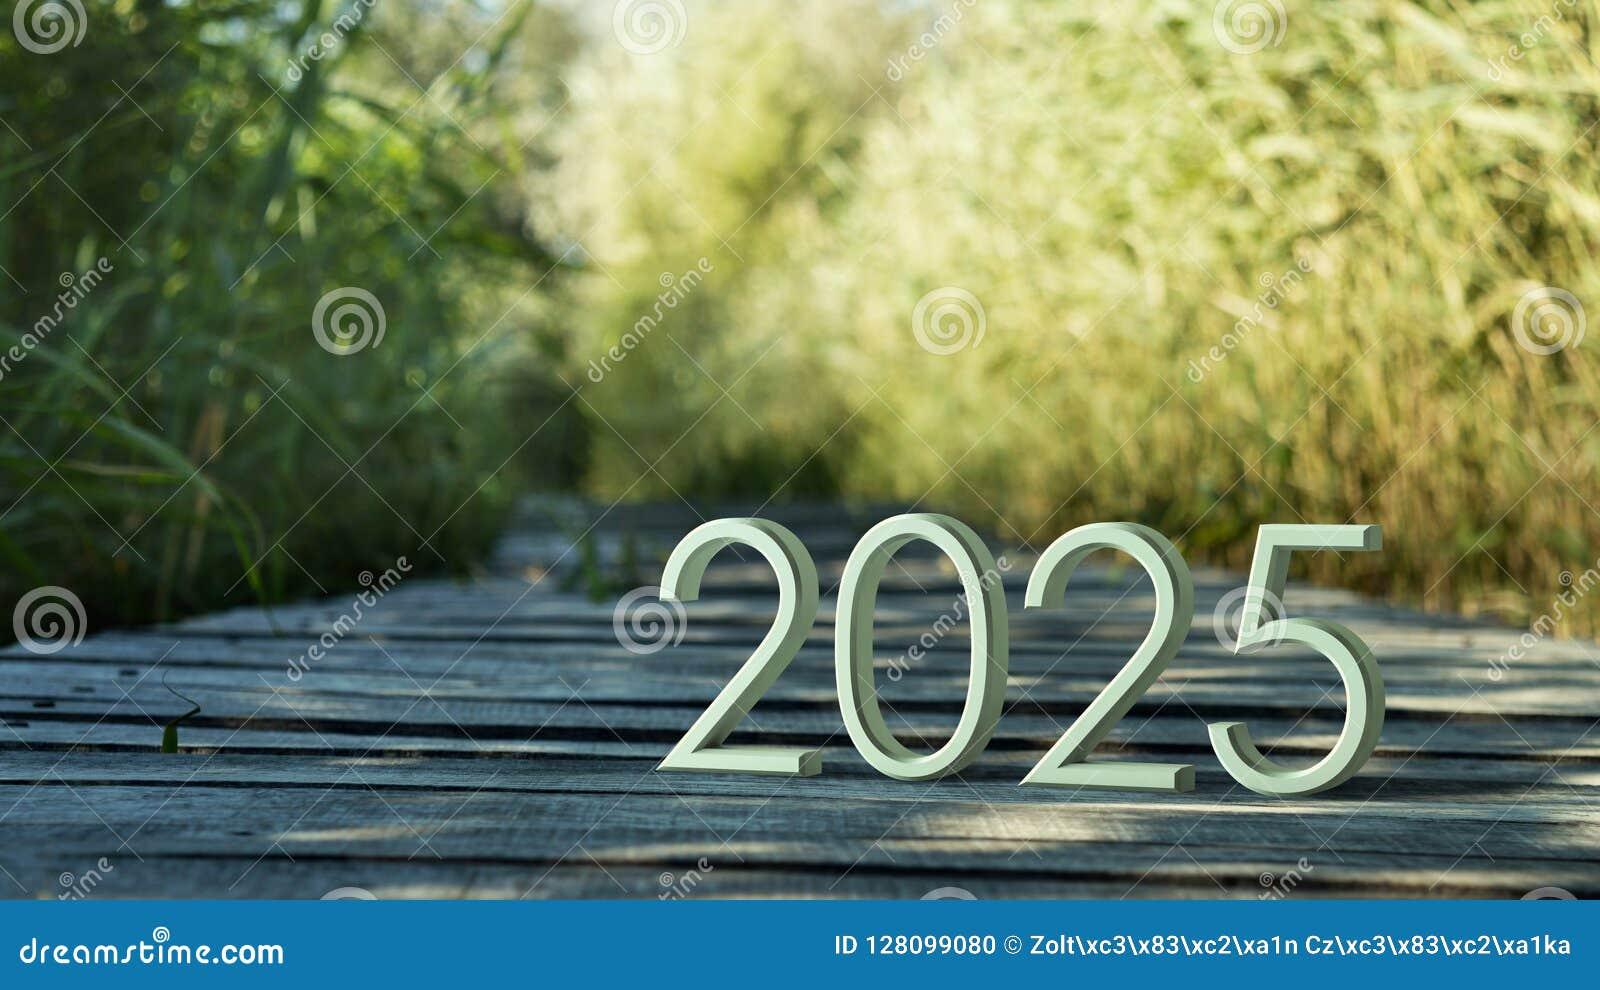 2025 3d rendering